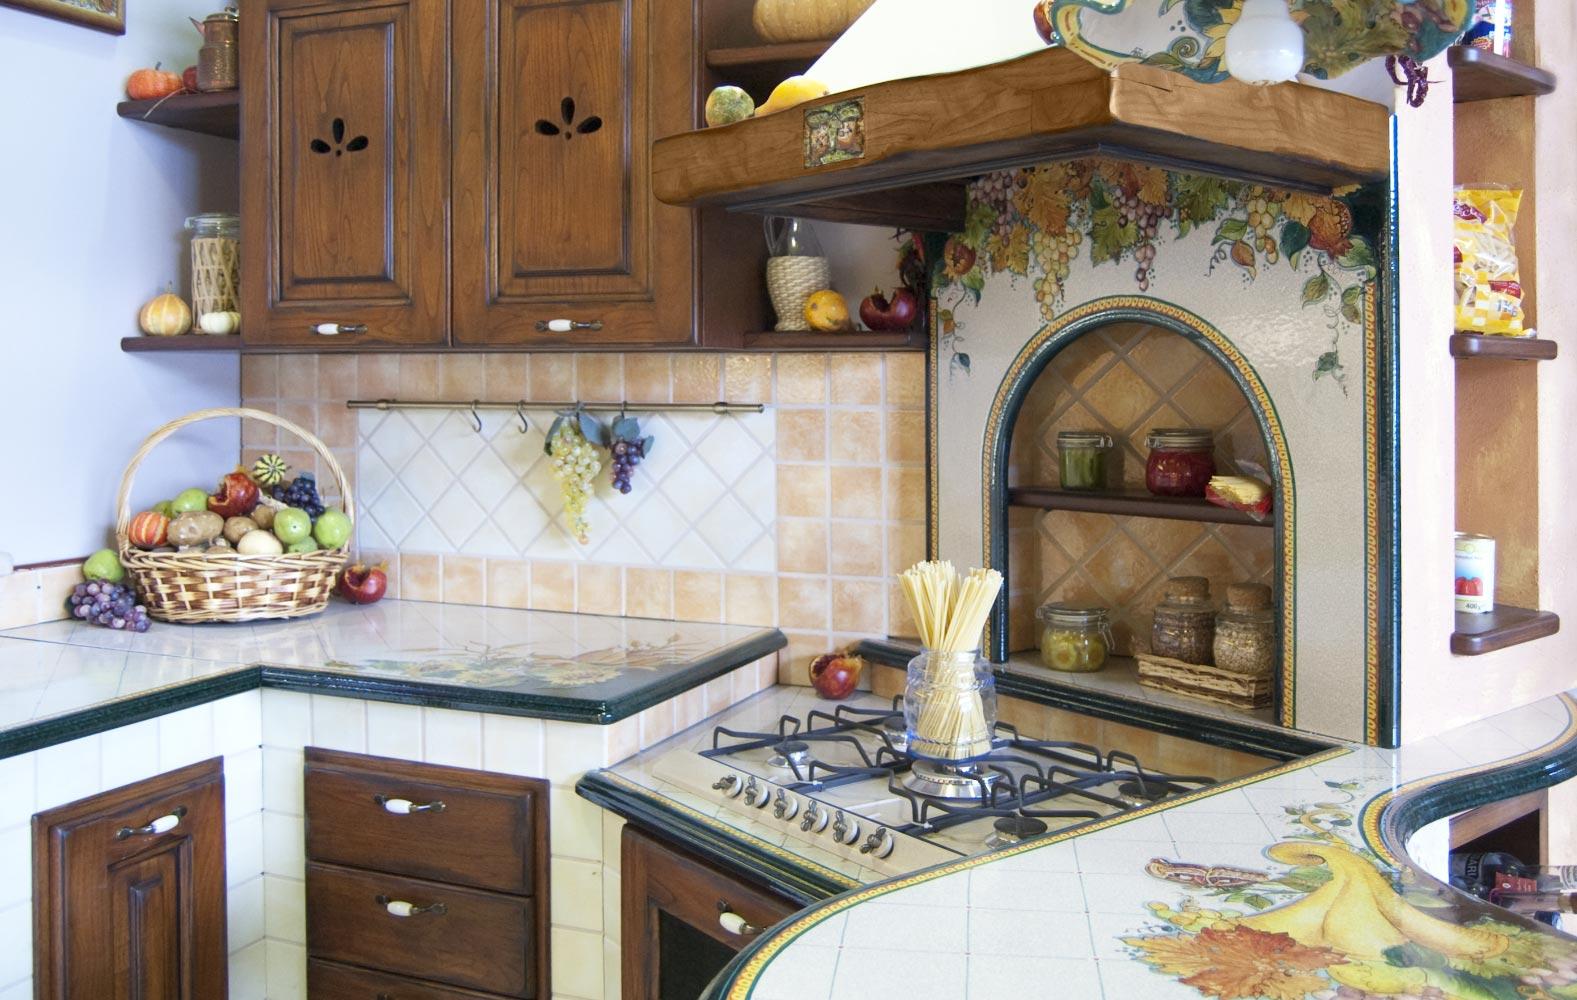 Cucine in finta muratura smontabile modello milano - Modelli di cucina in muratura ...